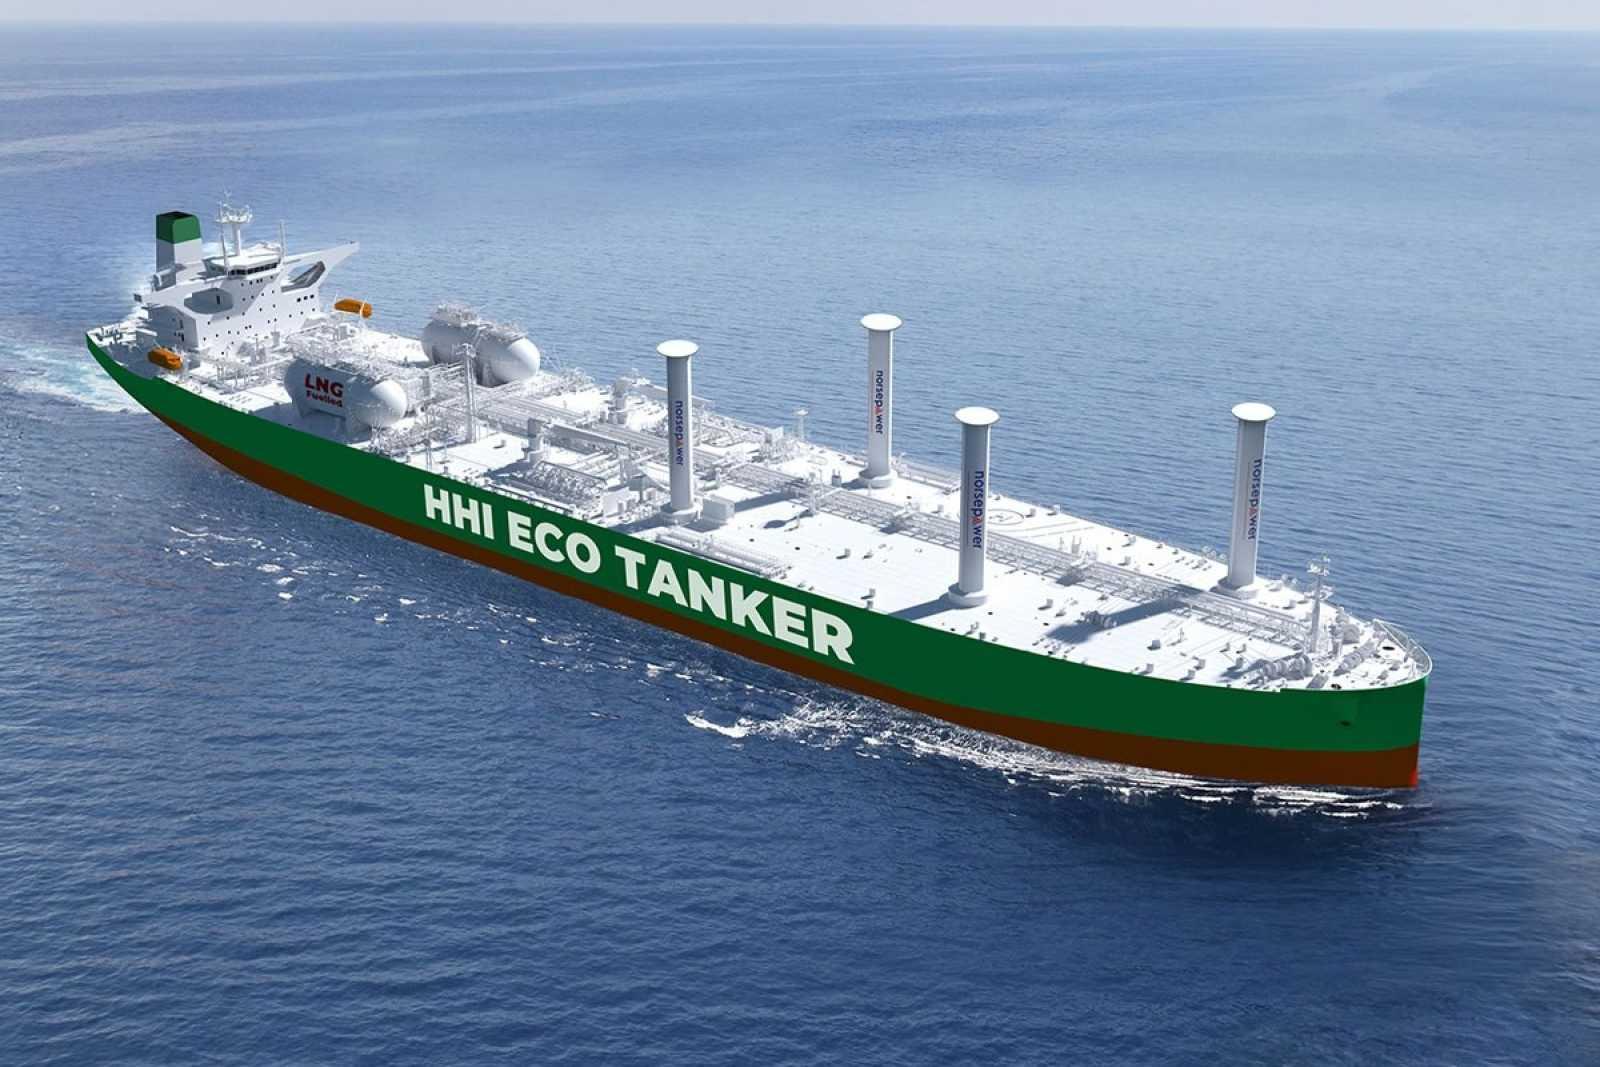 Eco_tanker